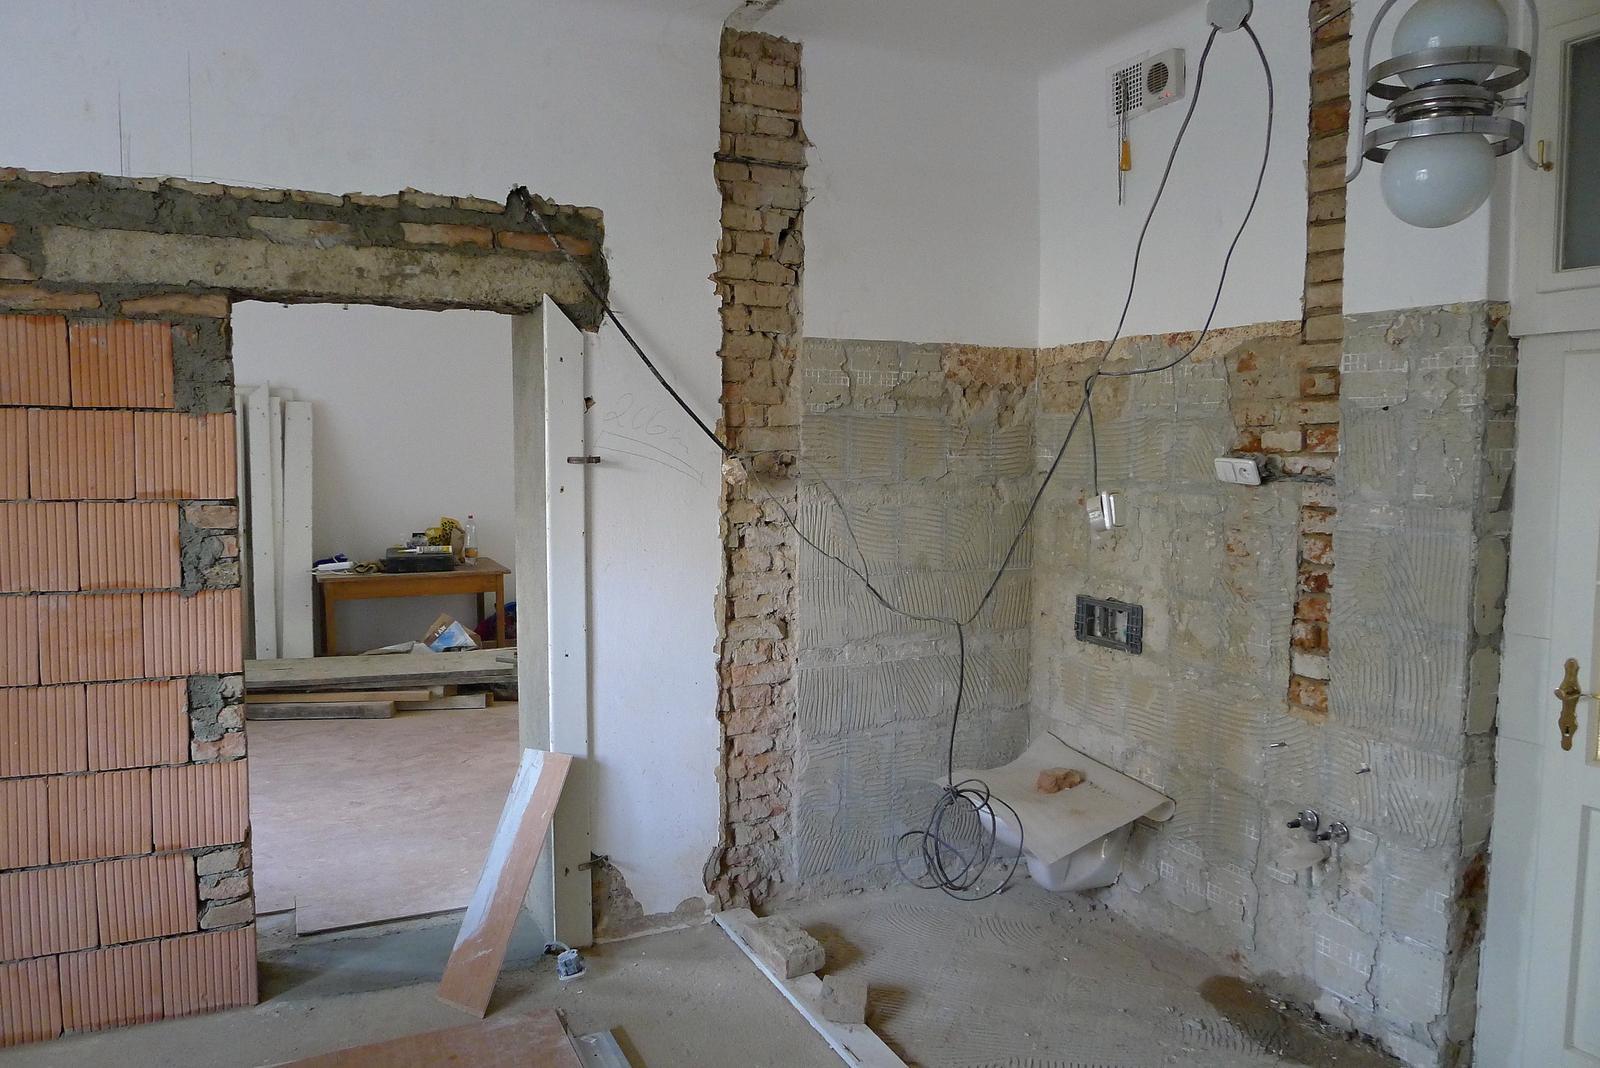 Rekonstrukce našeho domečku - Obrázek č. 16